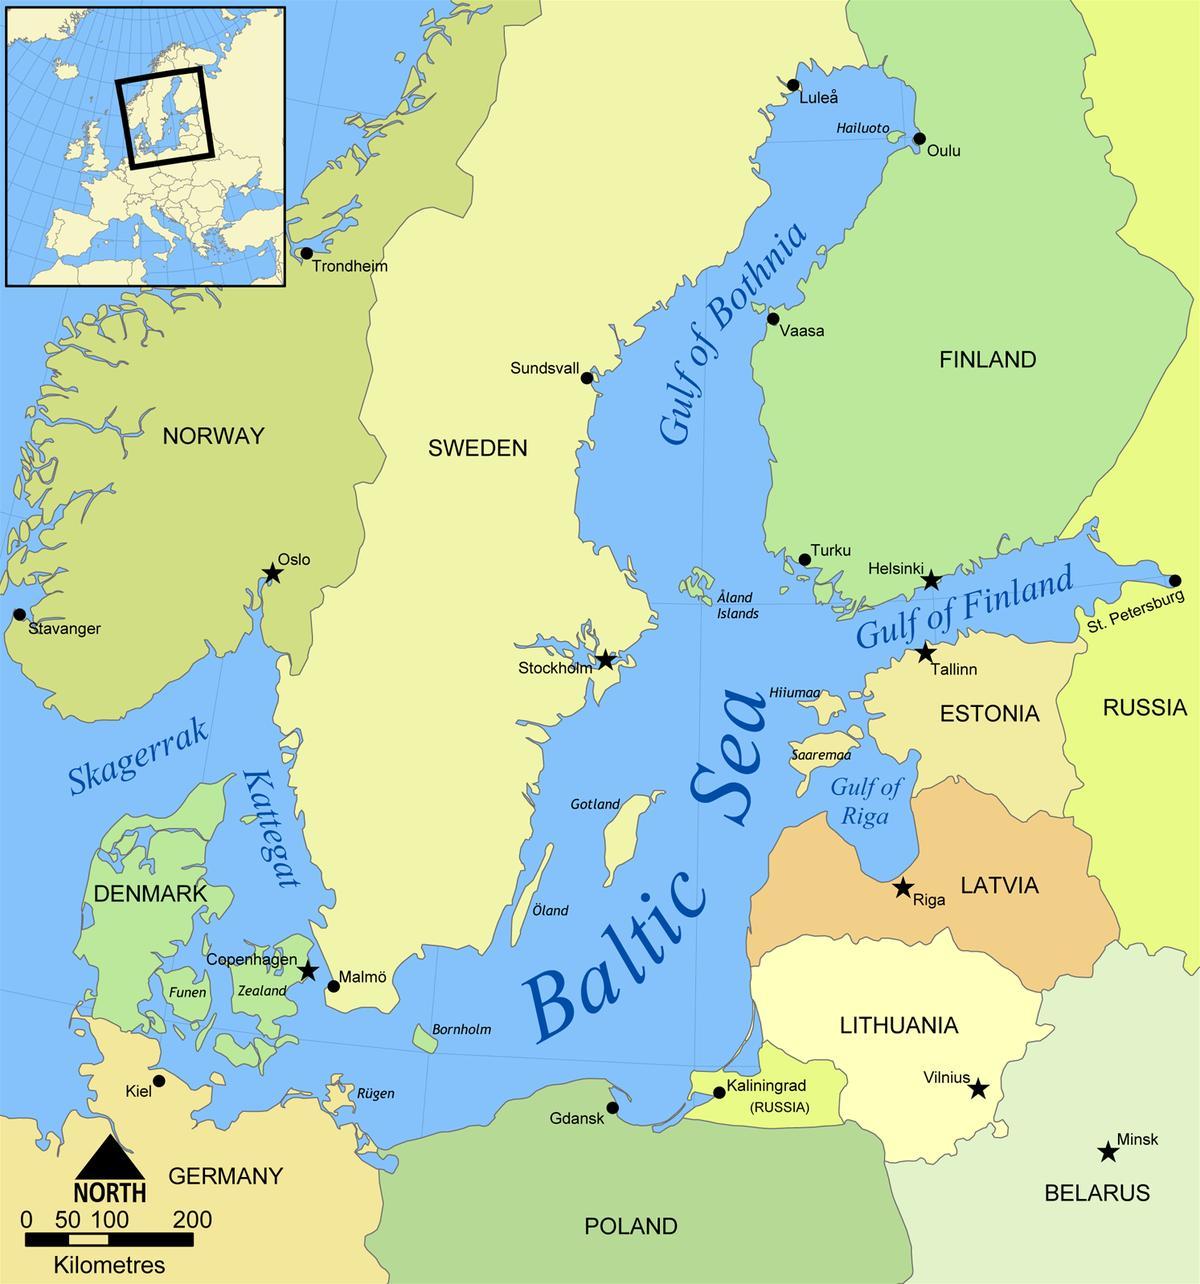 østersjøen kart Østersjøen Russland kart   Kart over østersjøen og Russland (Øst  østersjøen kart